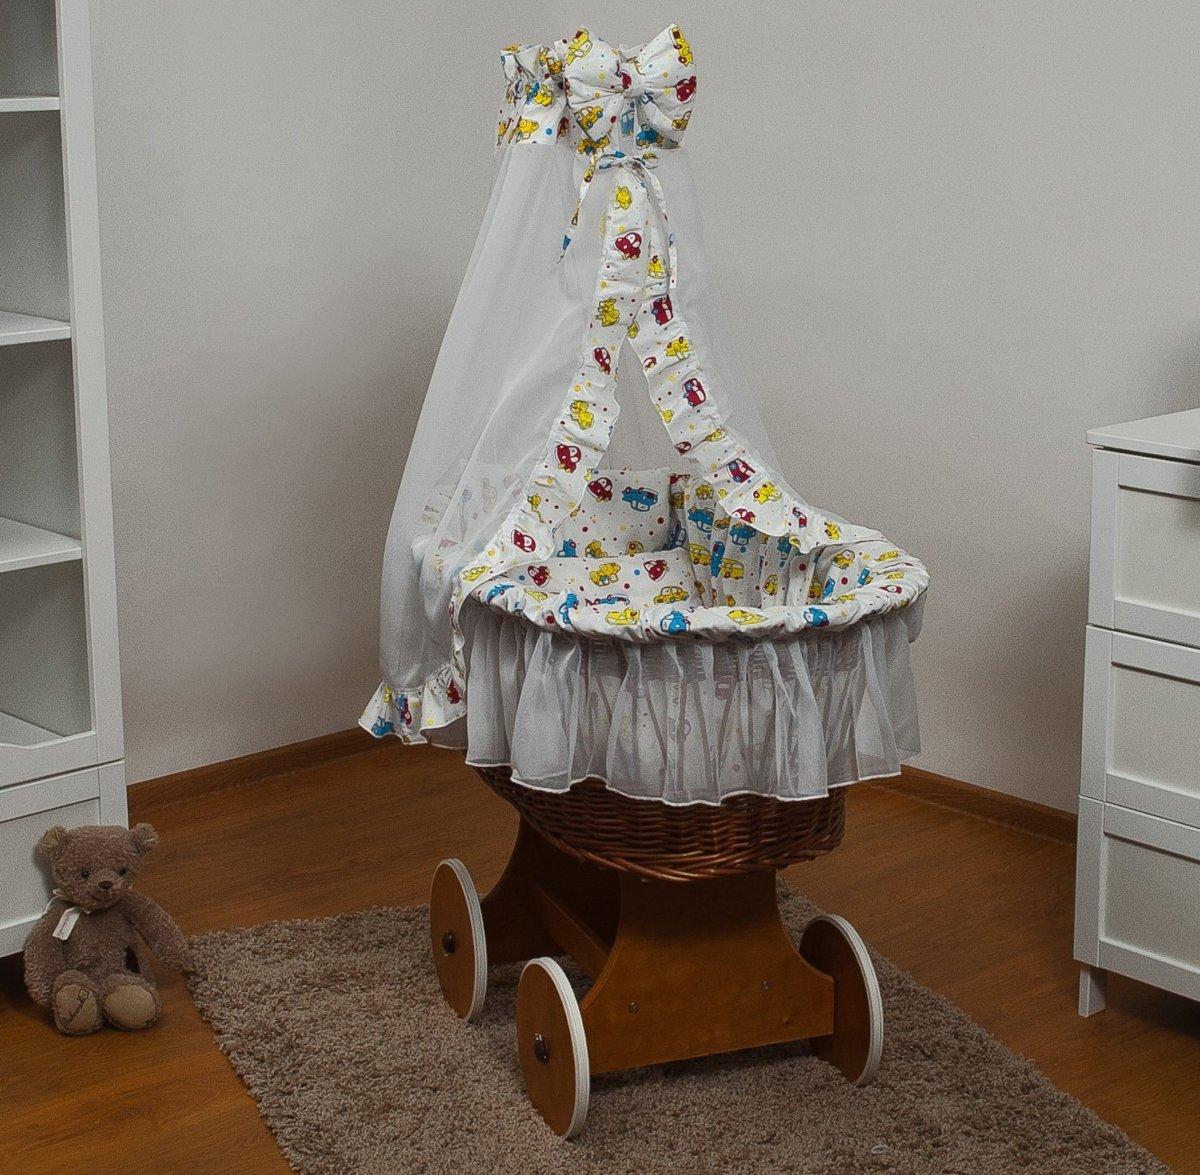 Rotan baby wiegje - Incl. beddengoedset, hemel met sluier, onderstel met wieltjes - 100% katoen - autos kopen